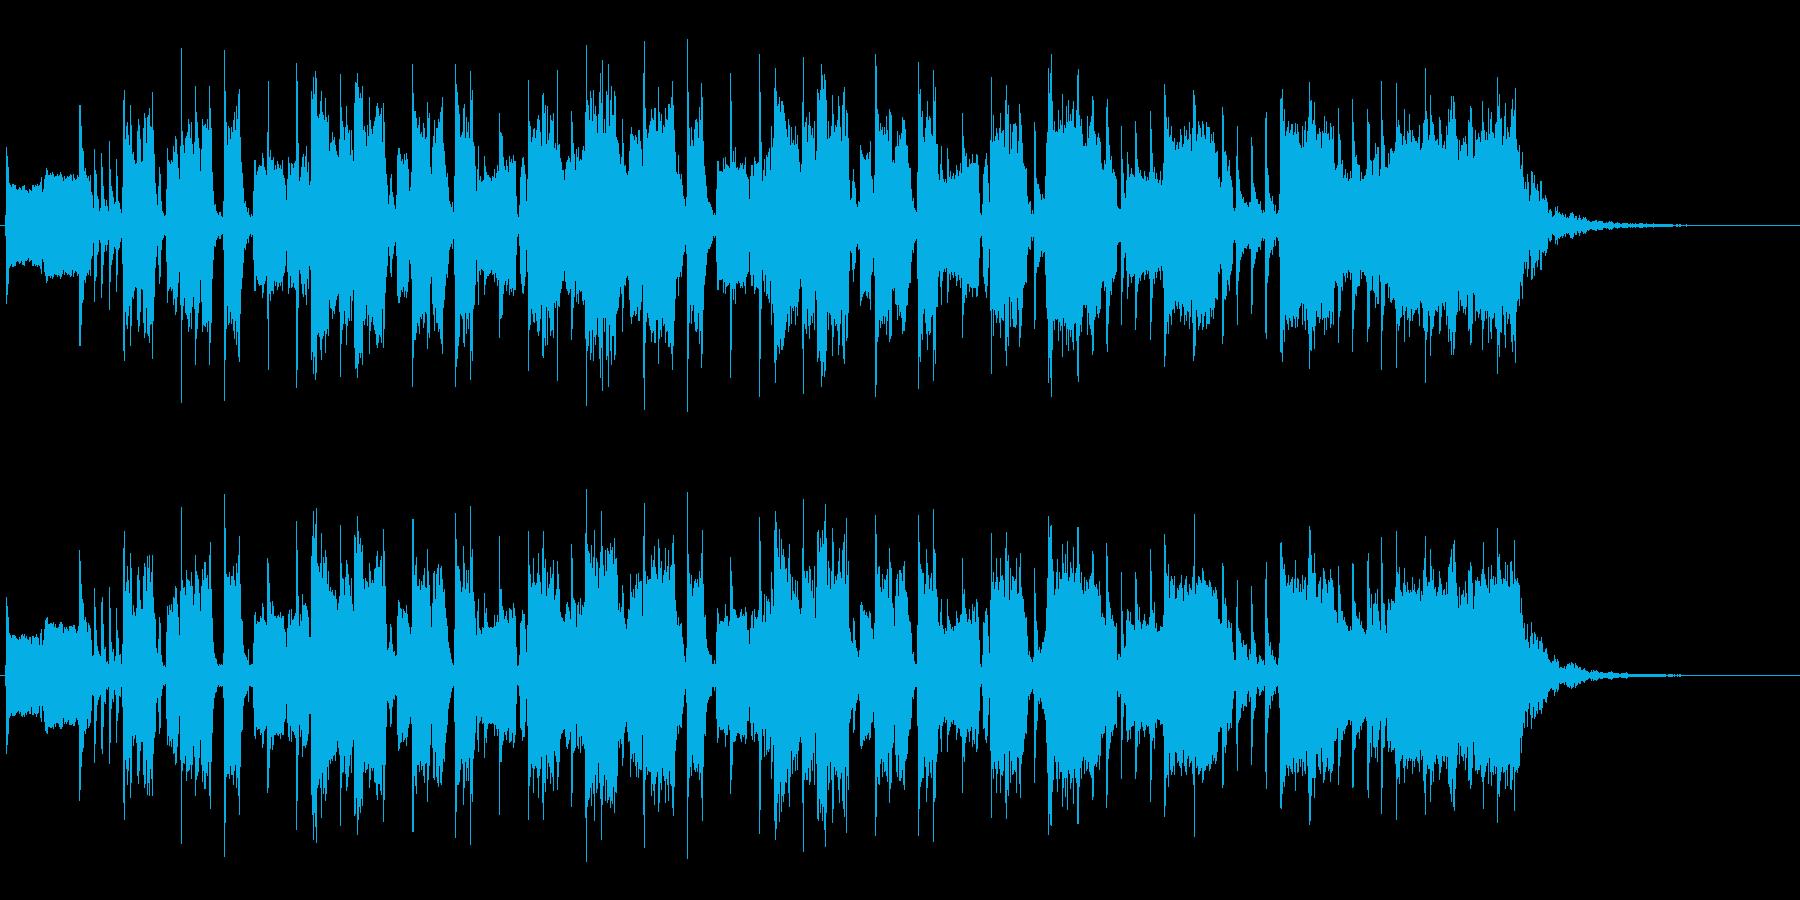 ファンキーなギターインスト/CMサイズの再生済みの波形